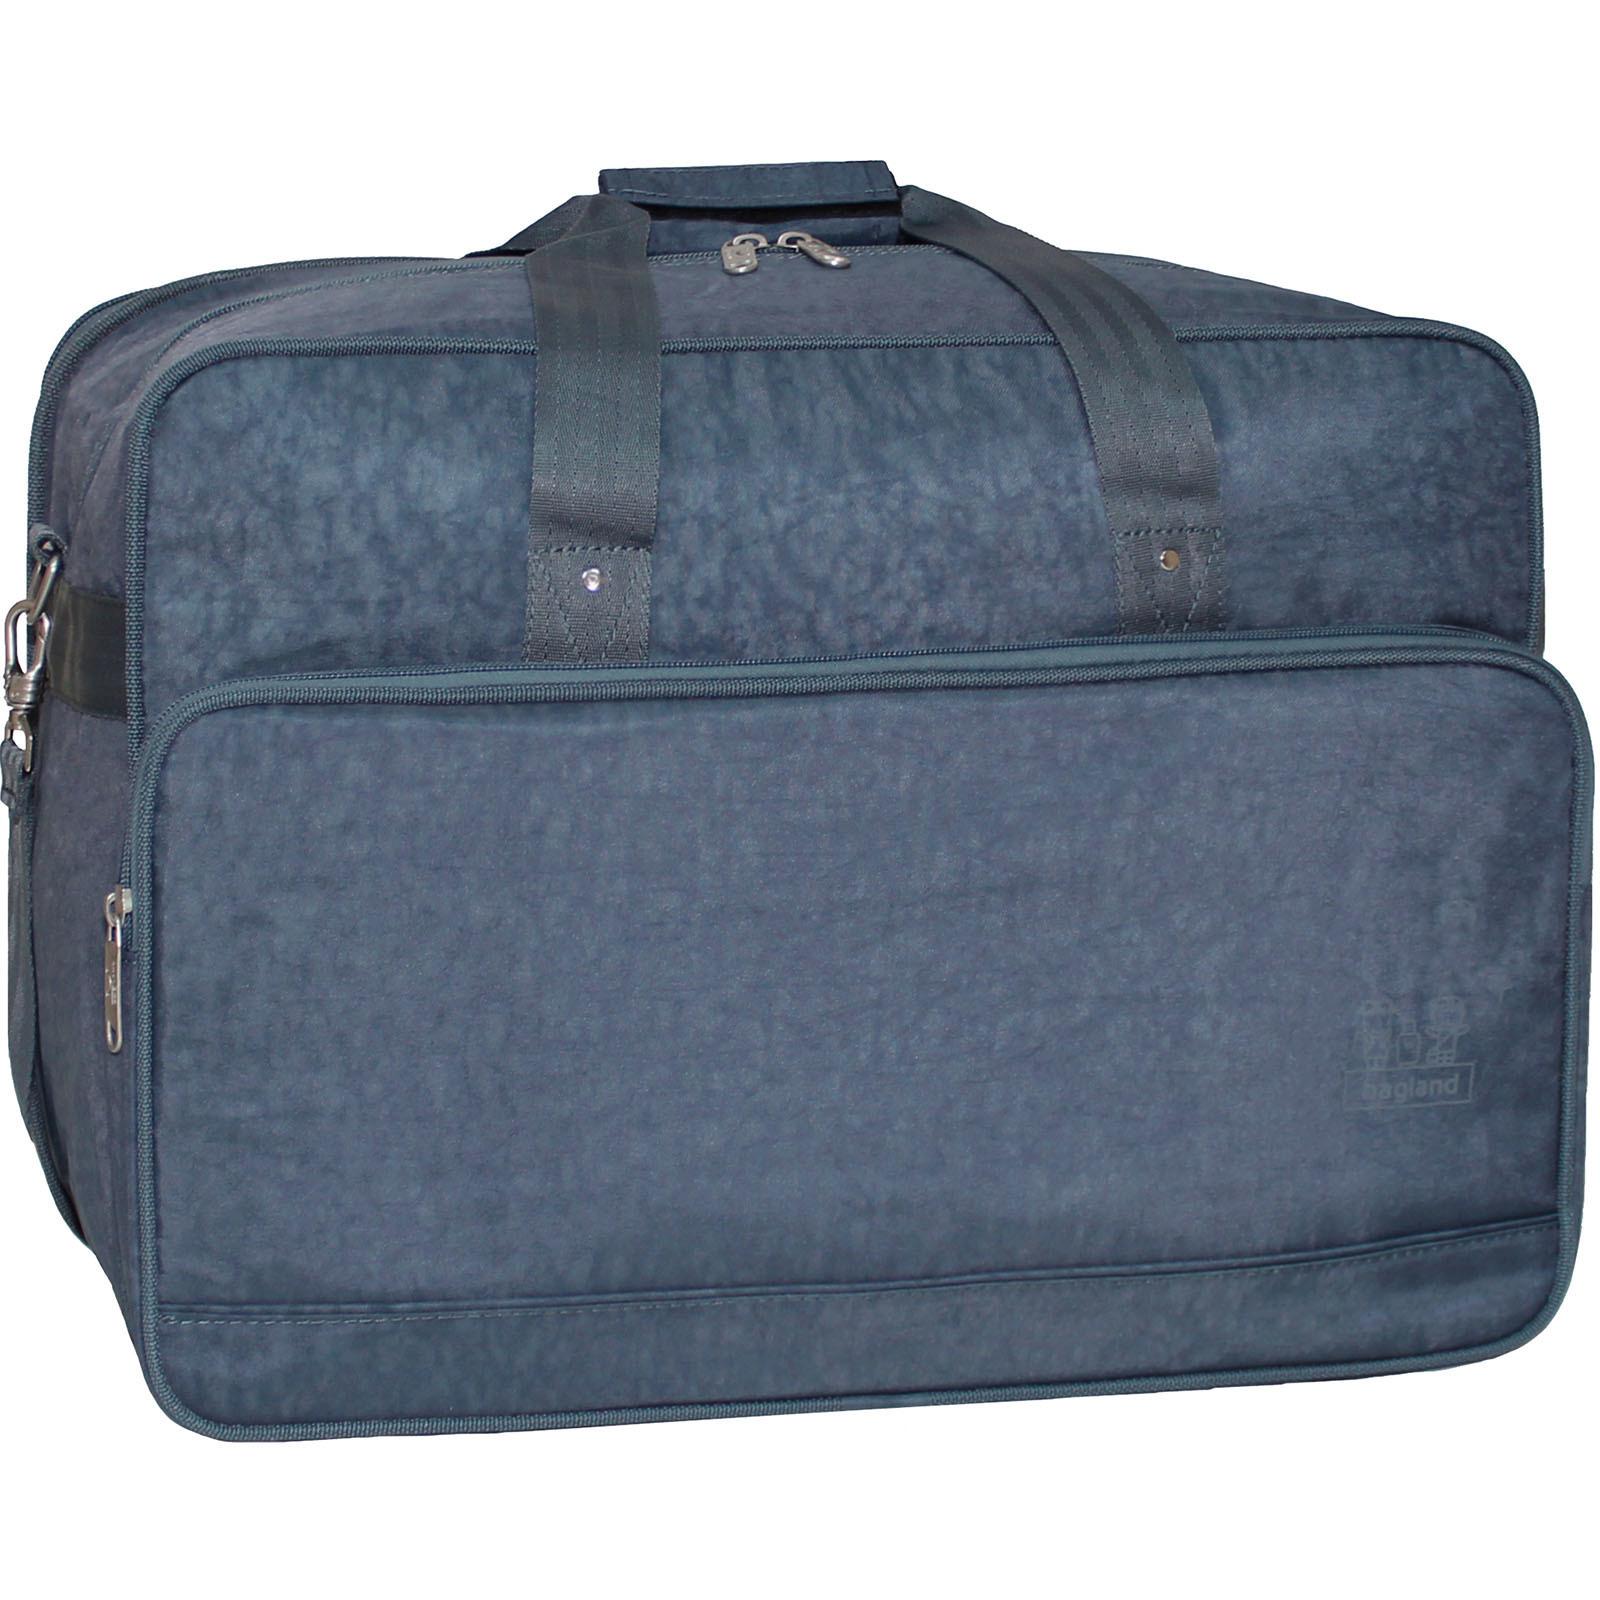 Дорожные сумки Дорожная сумка Bagland Рига 36 л. 321 серый (0030370) IMG_3193.JPG